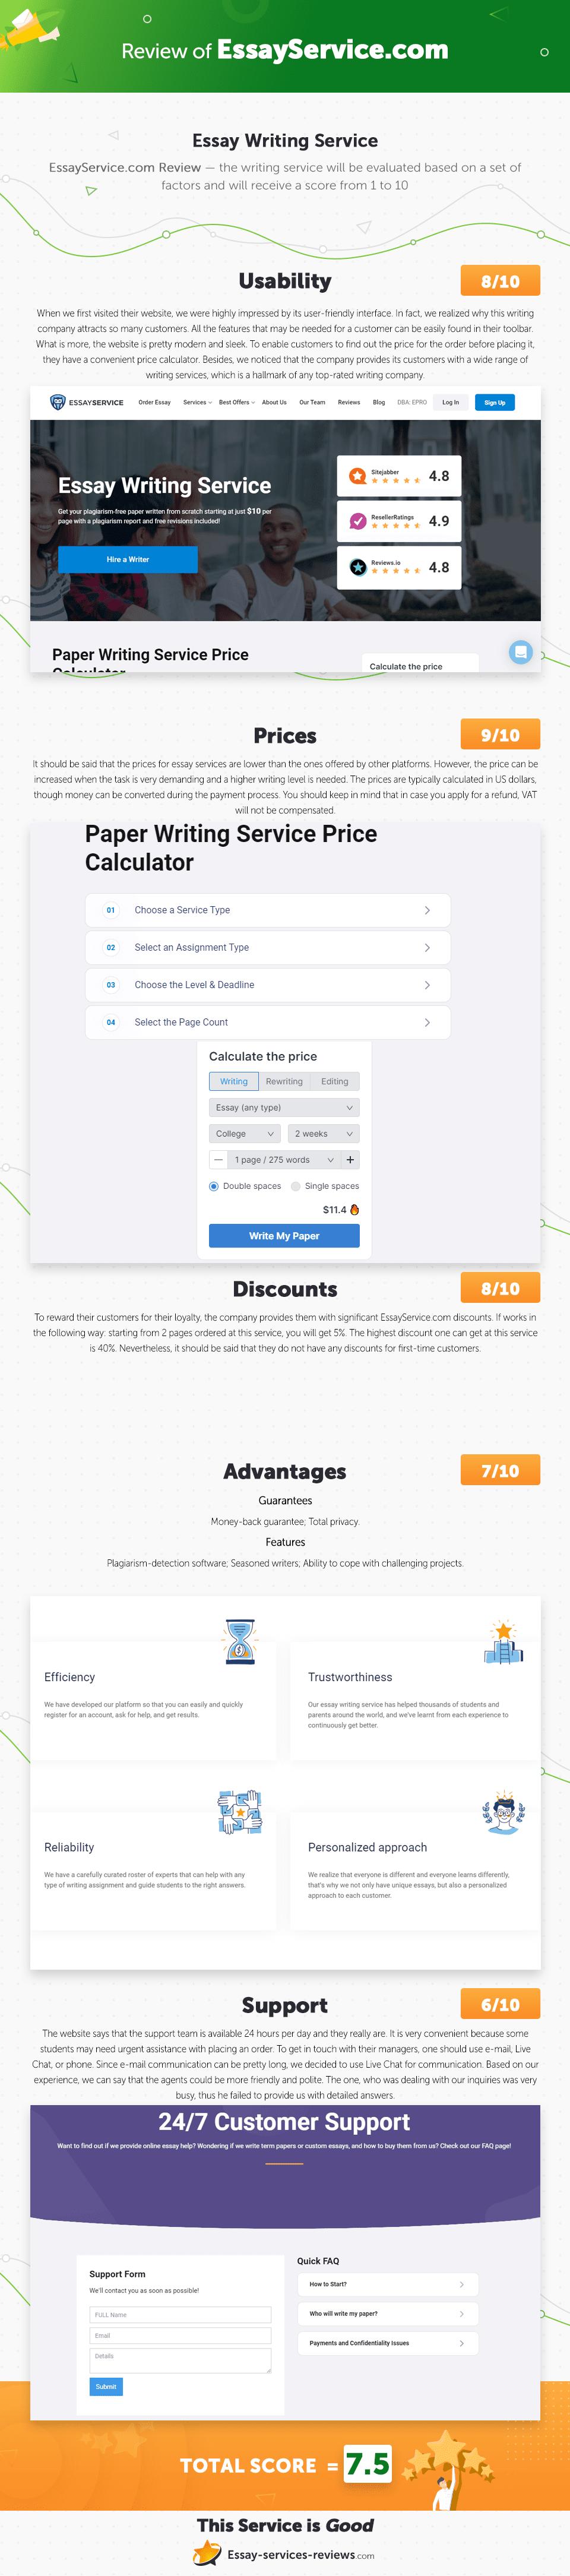 essayservice.com Infographic Review